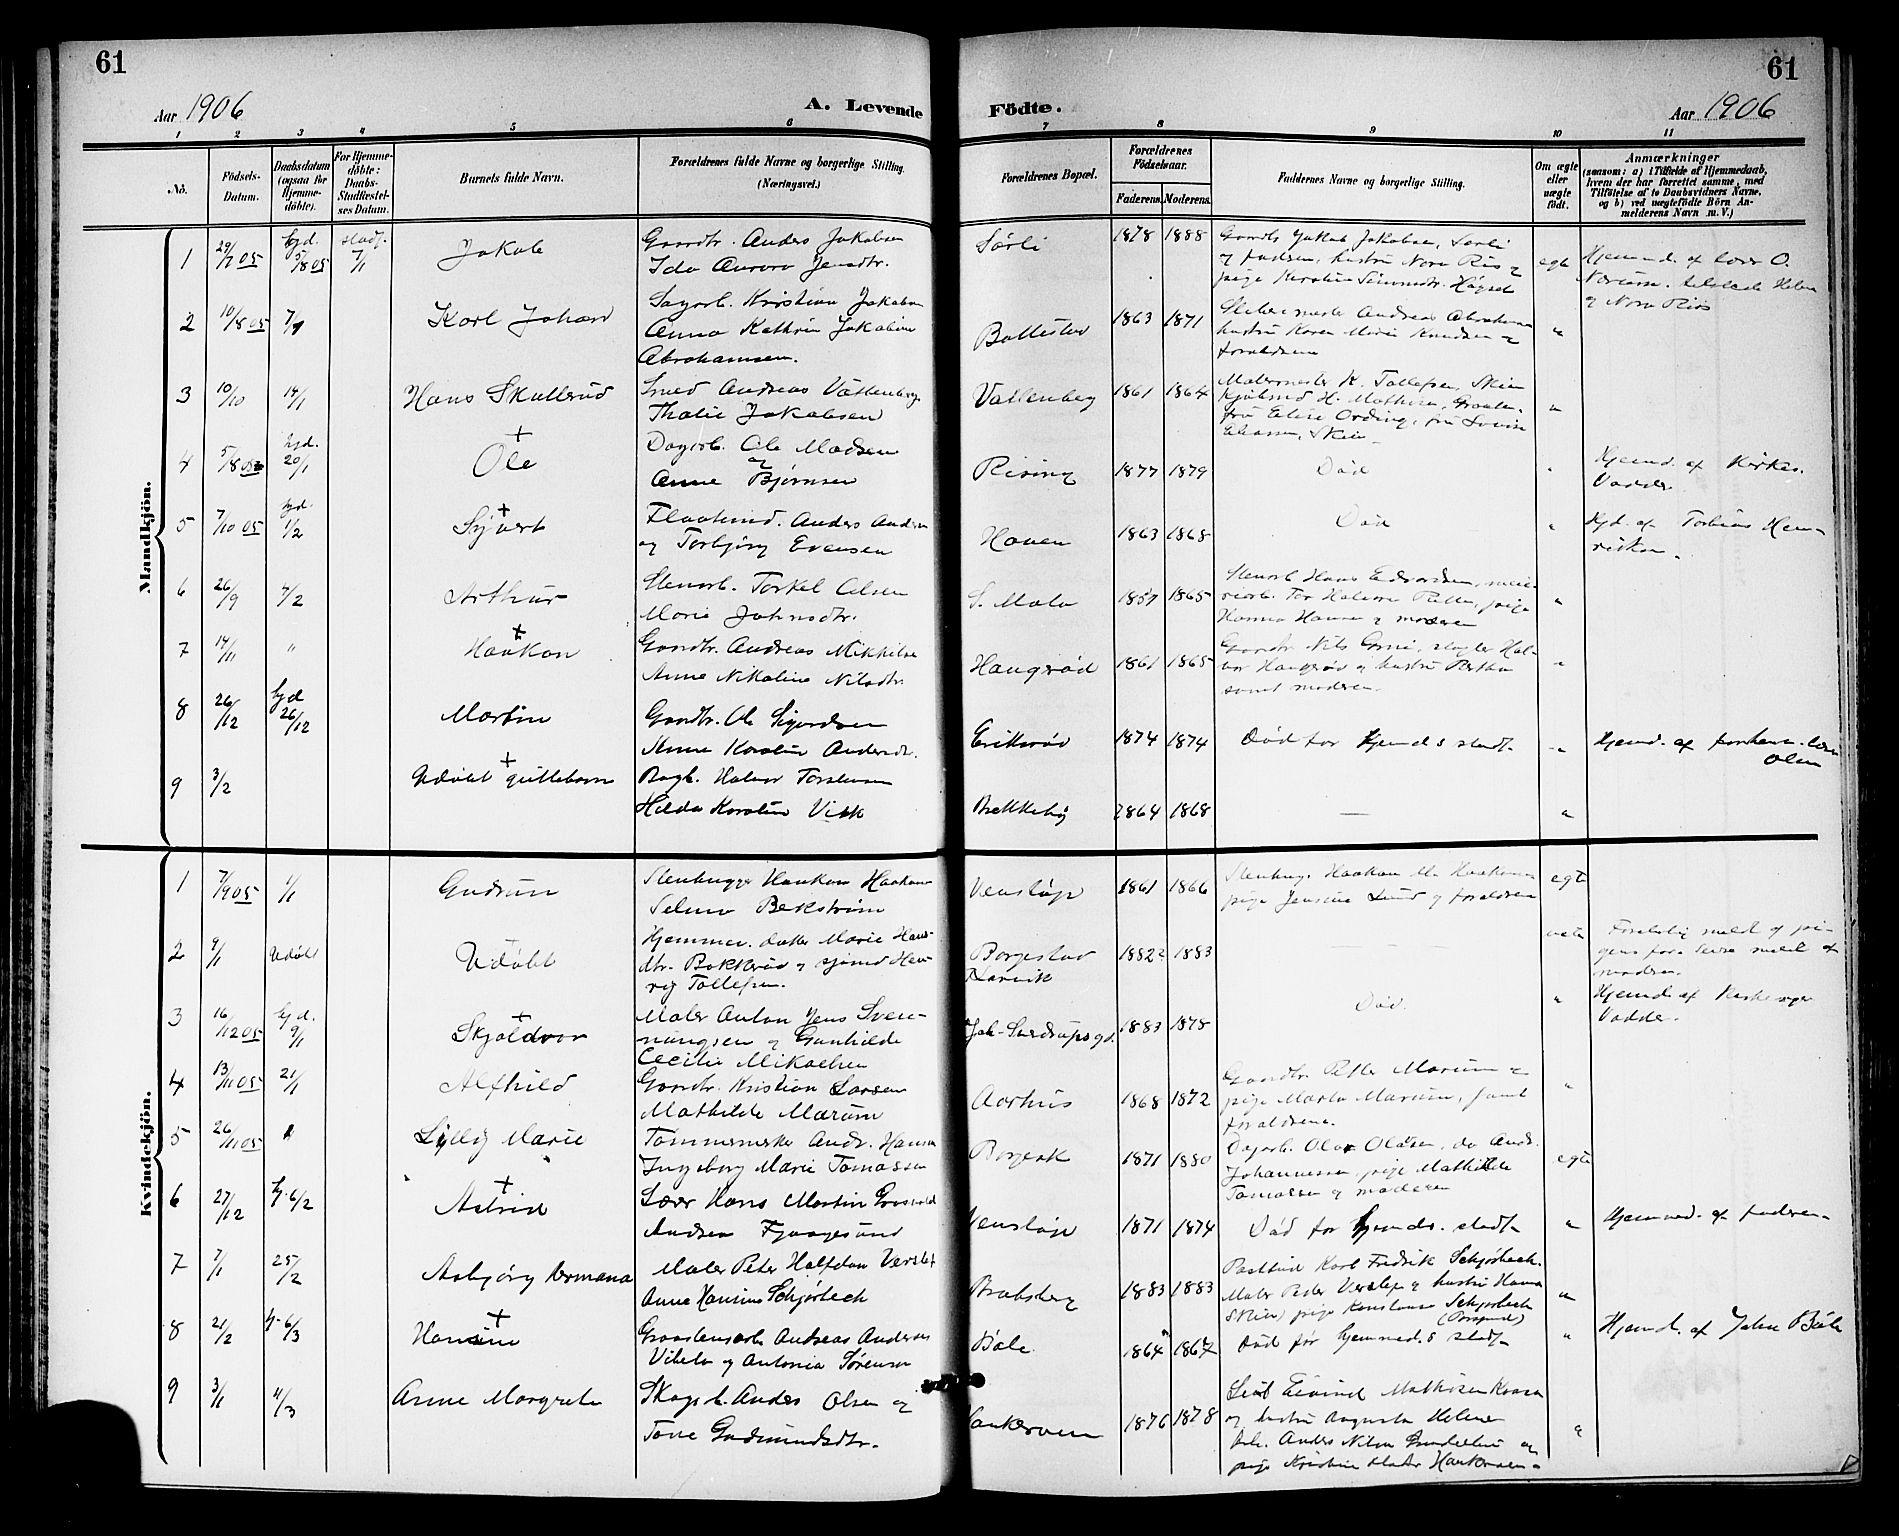 SAKO, Gjerpen kirkebøker, G/Ga/L0003: Klokkerbok nr. I 3, 1901-1919, s. 61